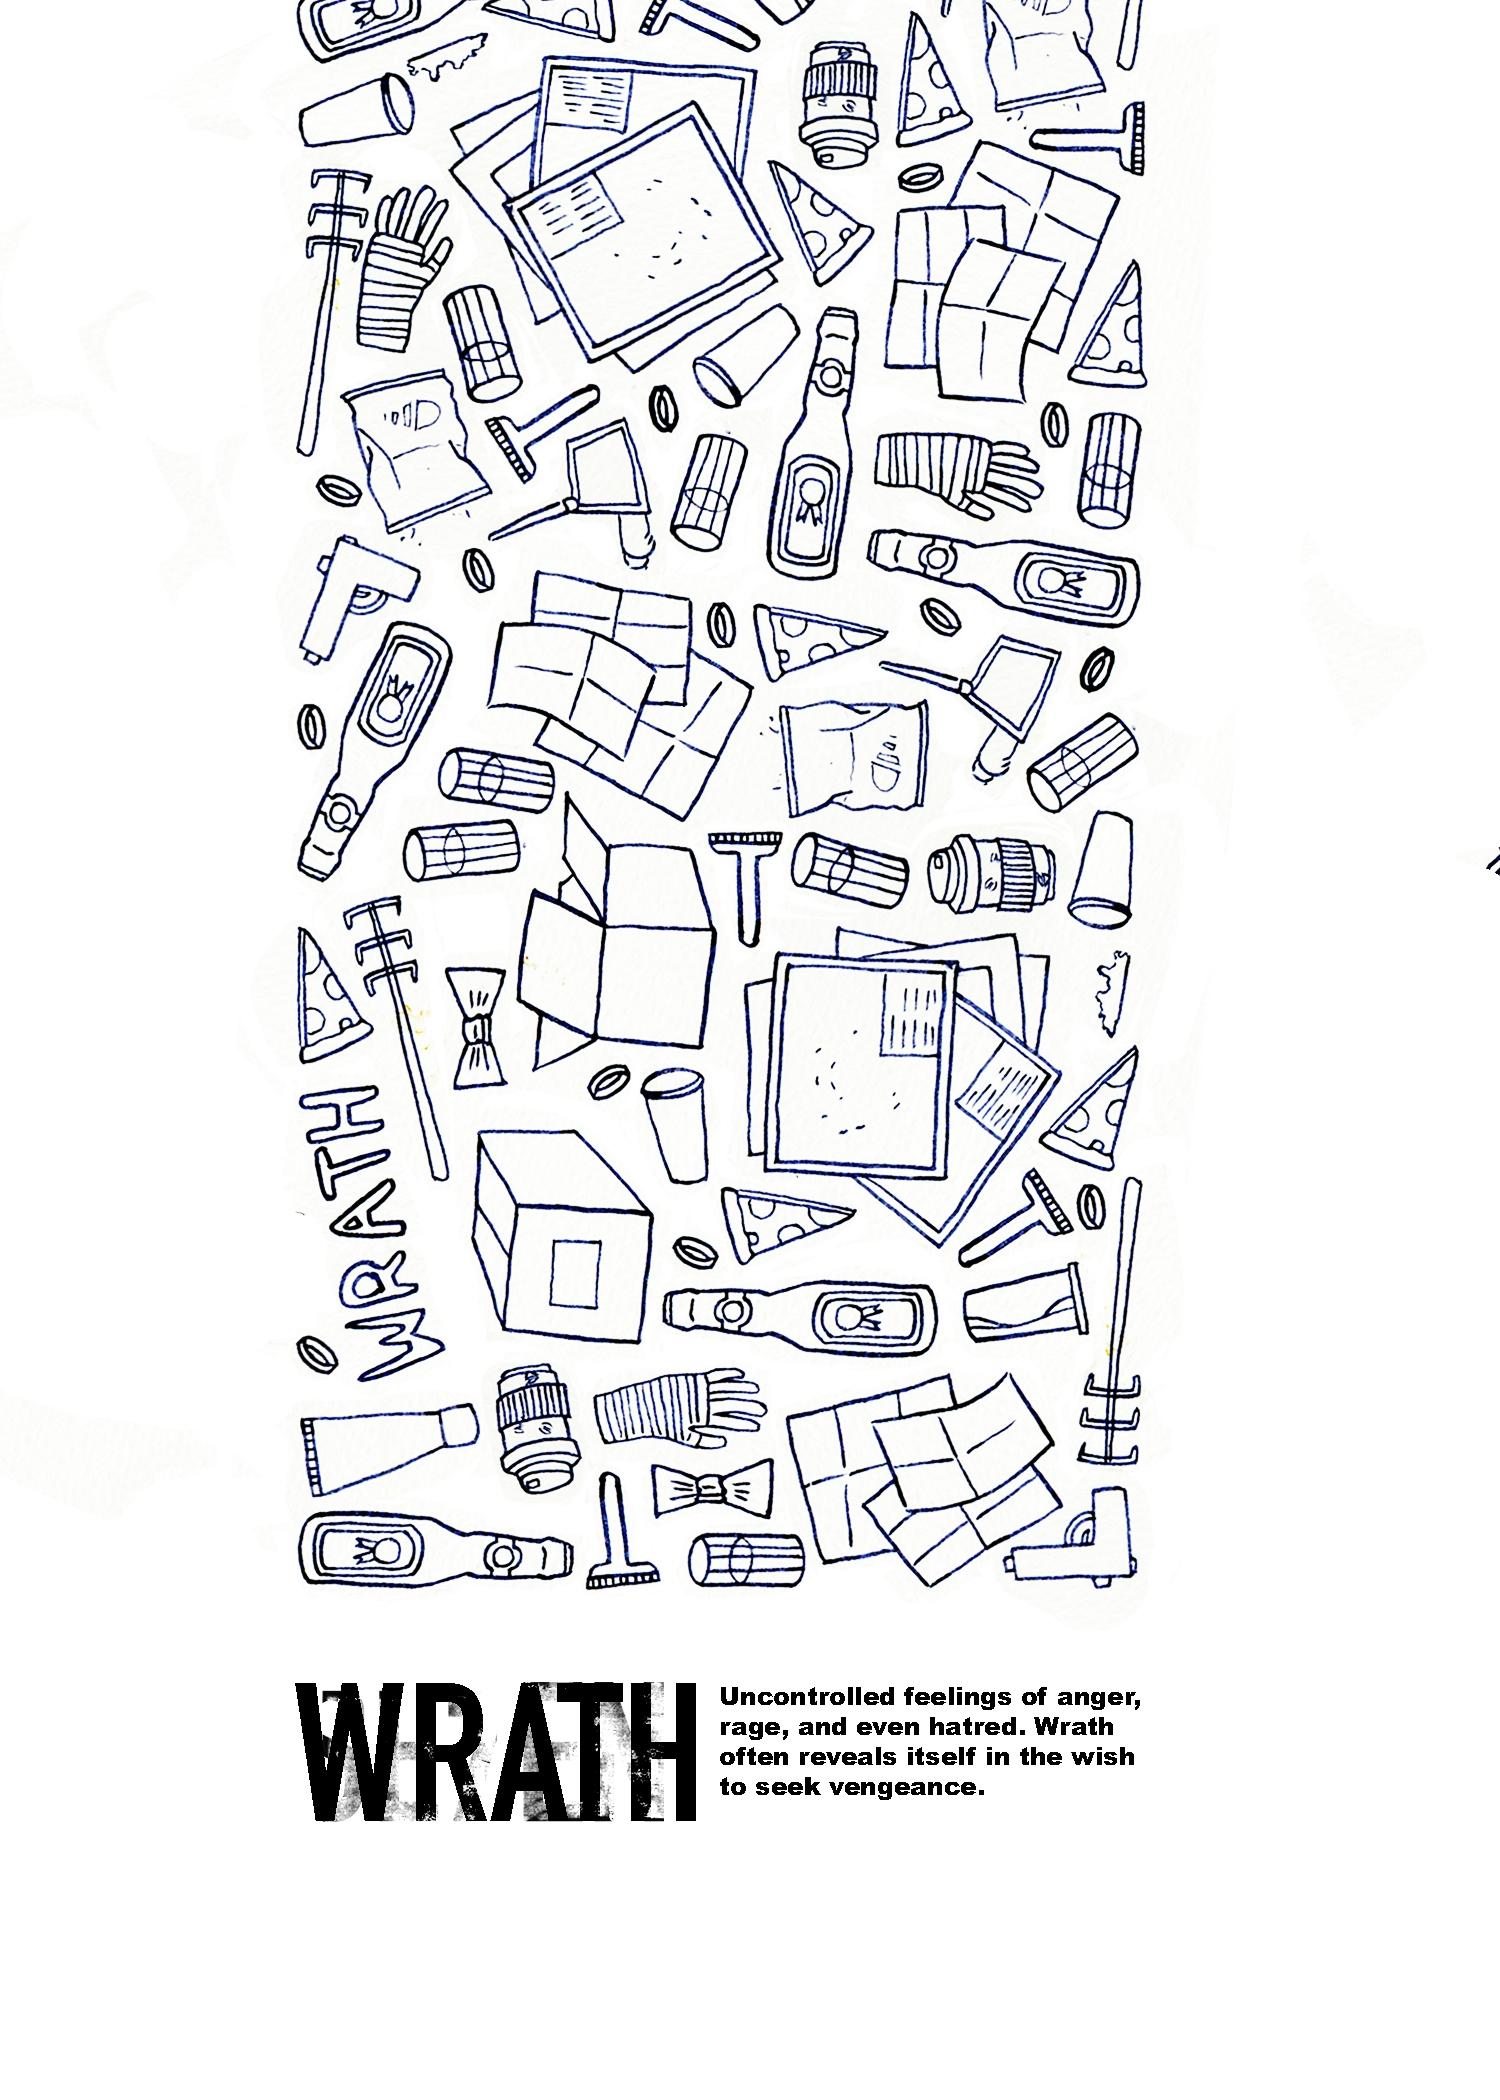 thesis-se7en-postcard wrath.jpg